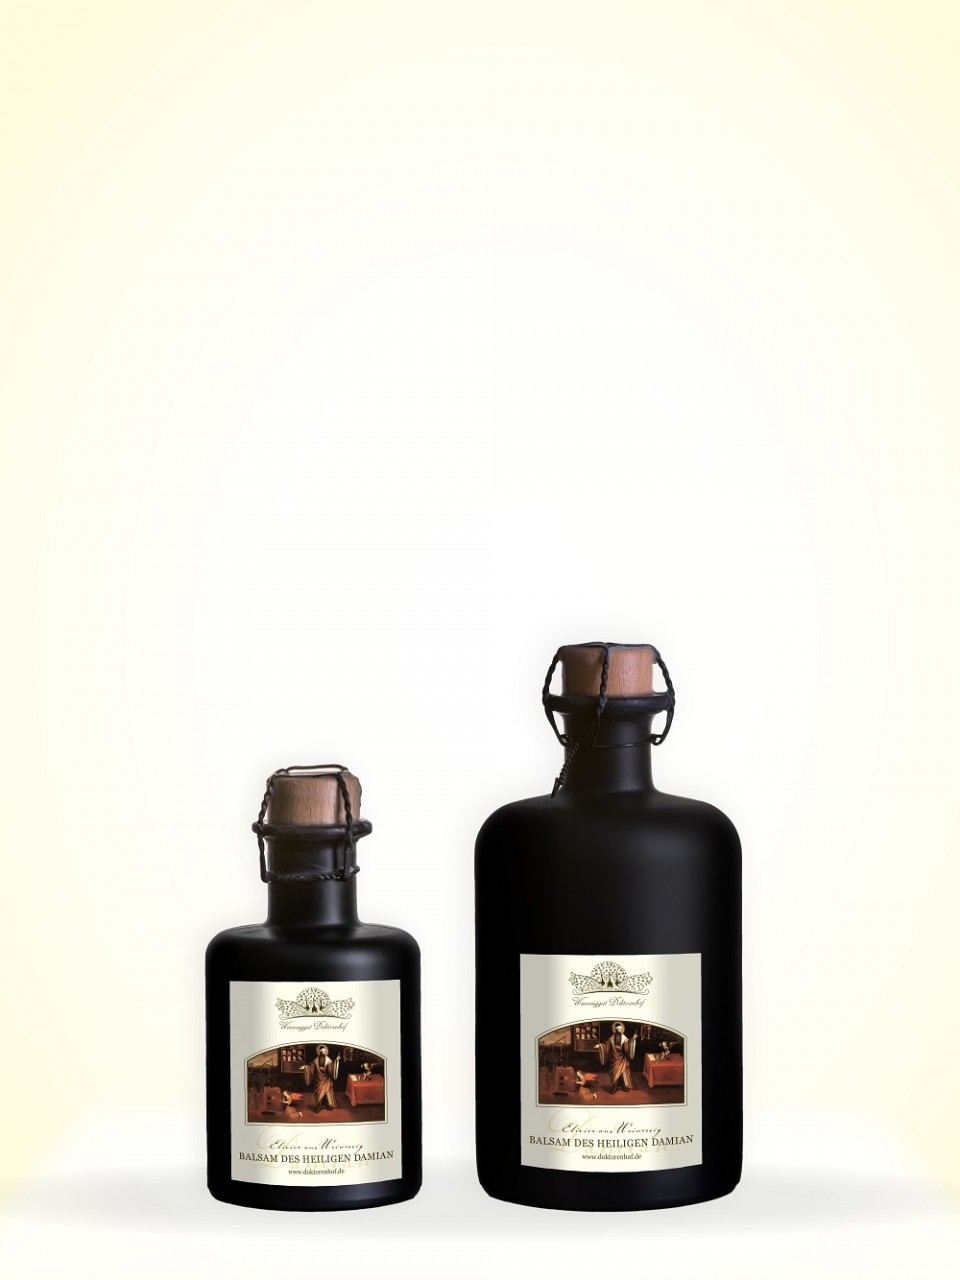 Balsam des heiligen Damian-3-Liter Bag-in-Box Sonderpreis